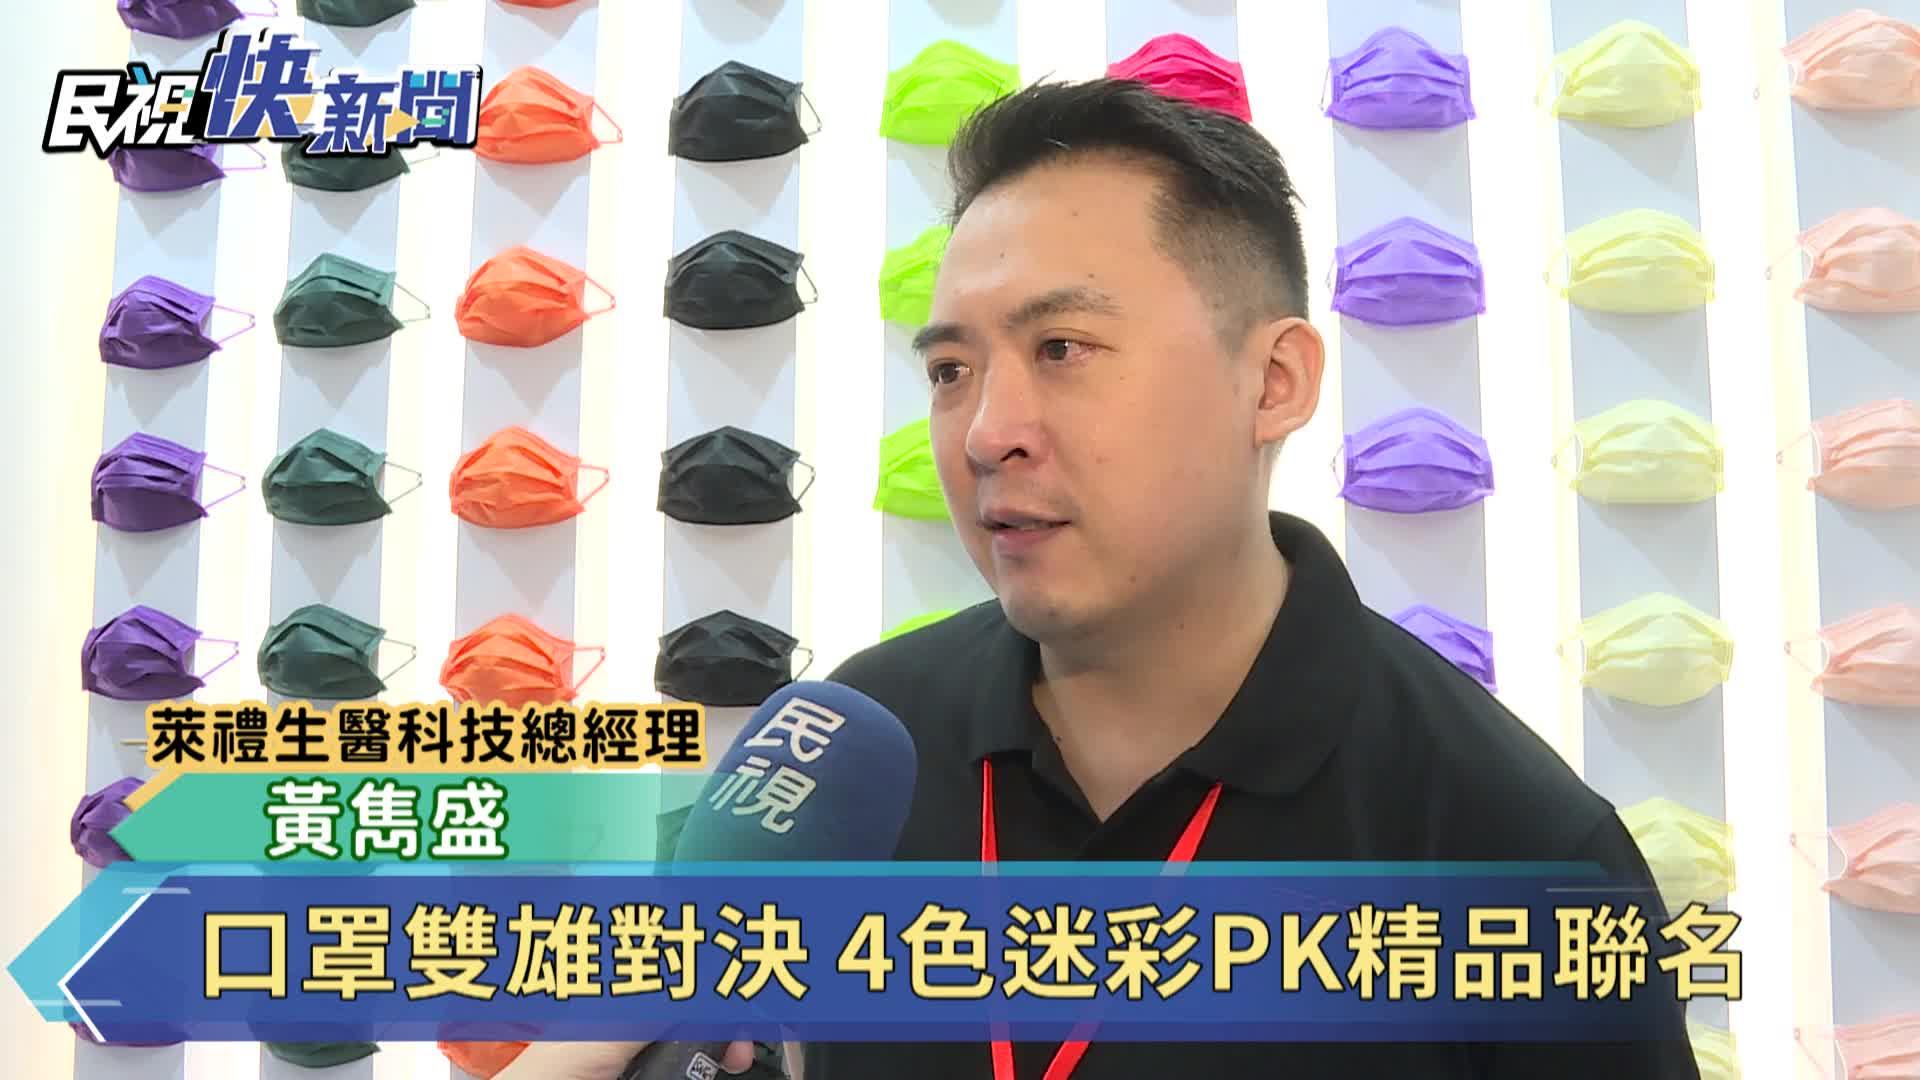 口罩雙雄對決 4色迷彩PK精品聯名